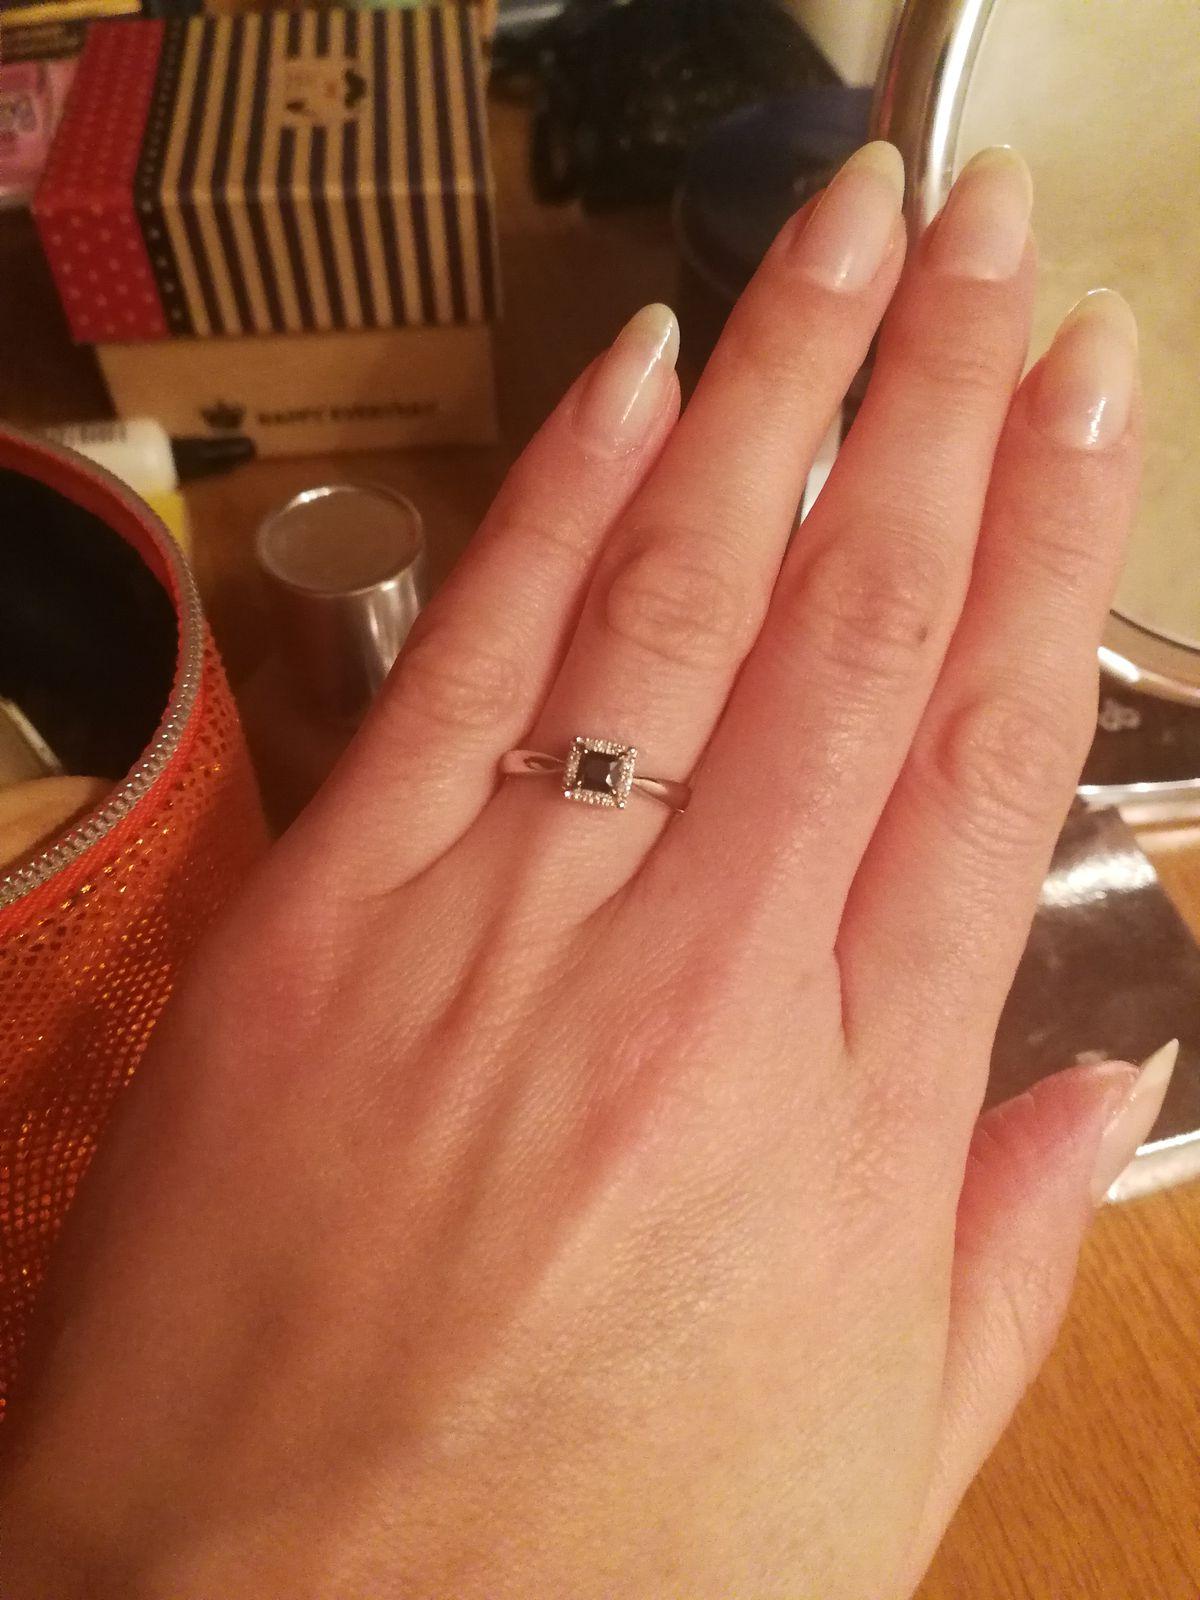 Простое лаконичное кольцо для девушек с хорошим вкусом